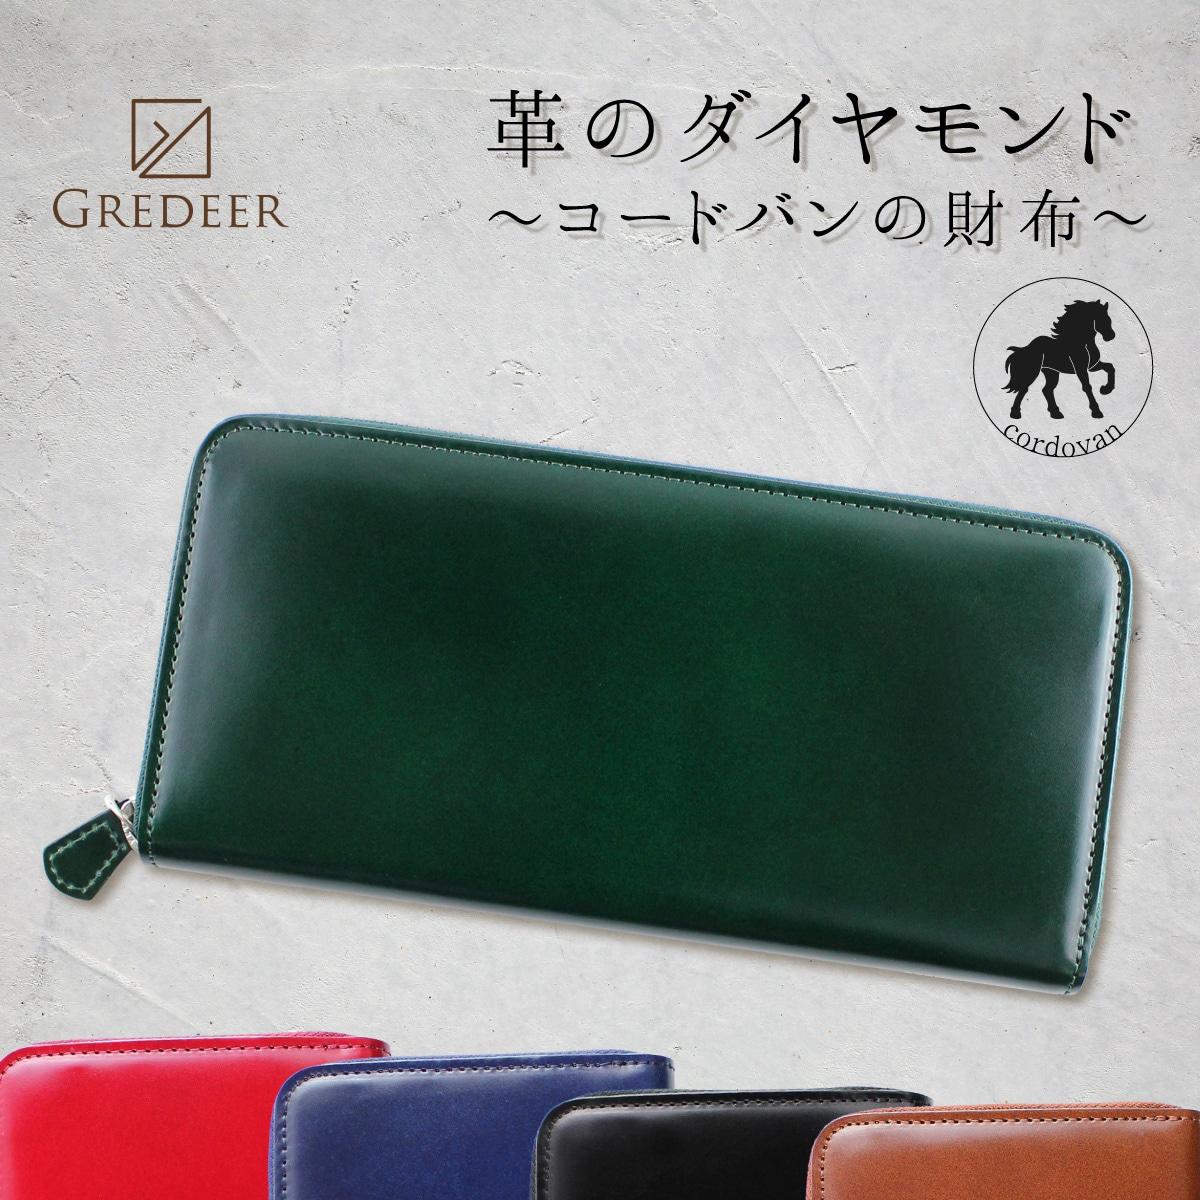 馬革(コードバン)のプレミアム財布 GREDEER コードバン ラウンドファスナー長財布 【カラー:グリーン】 開運グッズ